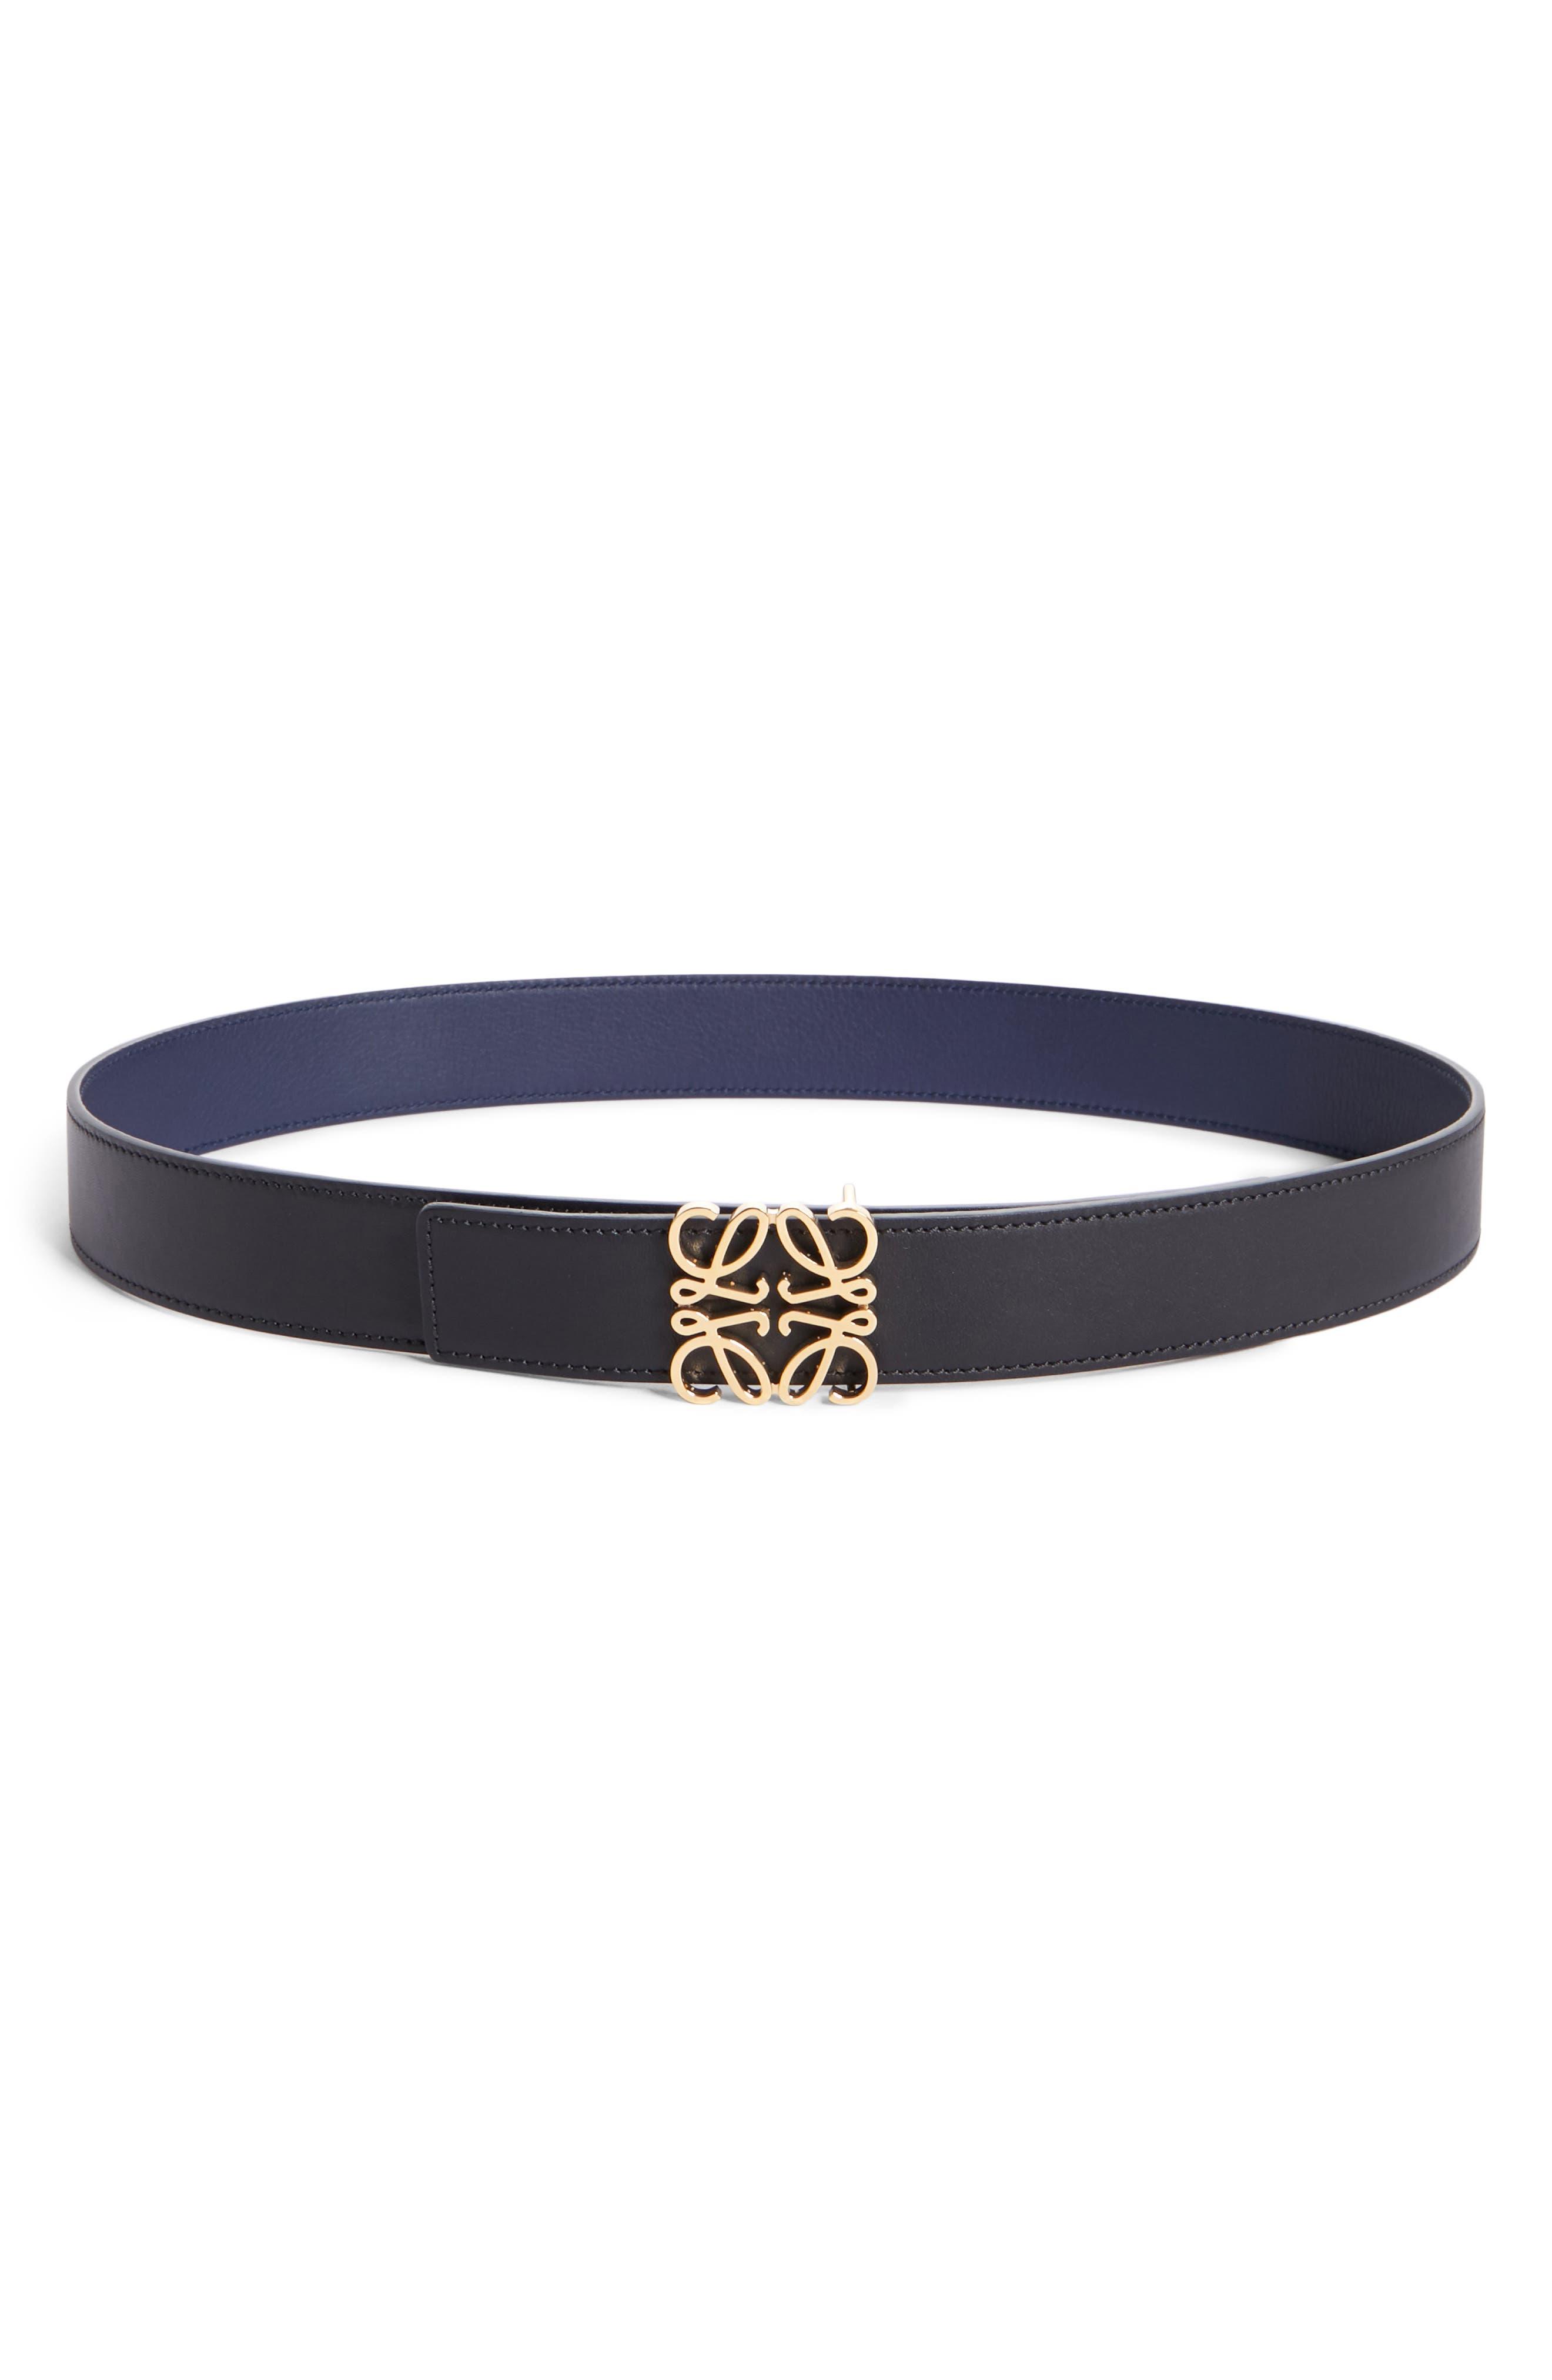 Anagram Logo Calfskin Leather Belt,                         Main,                         color, 001